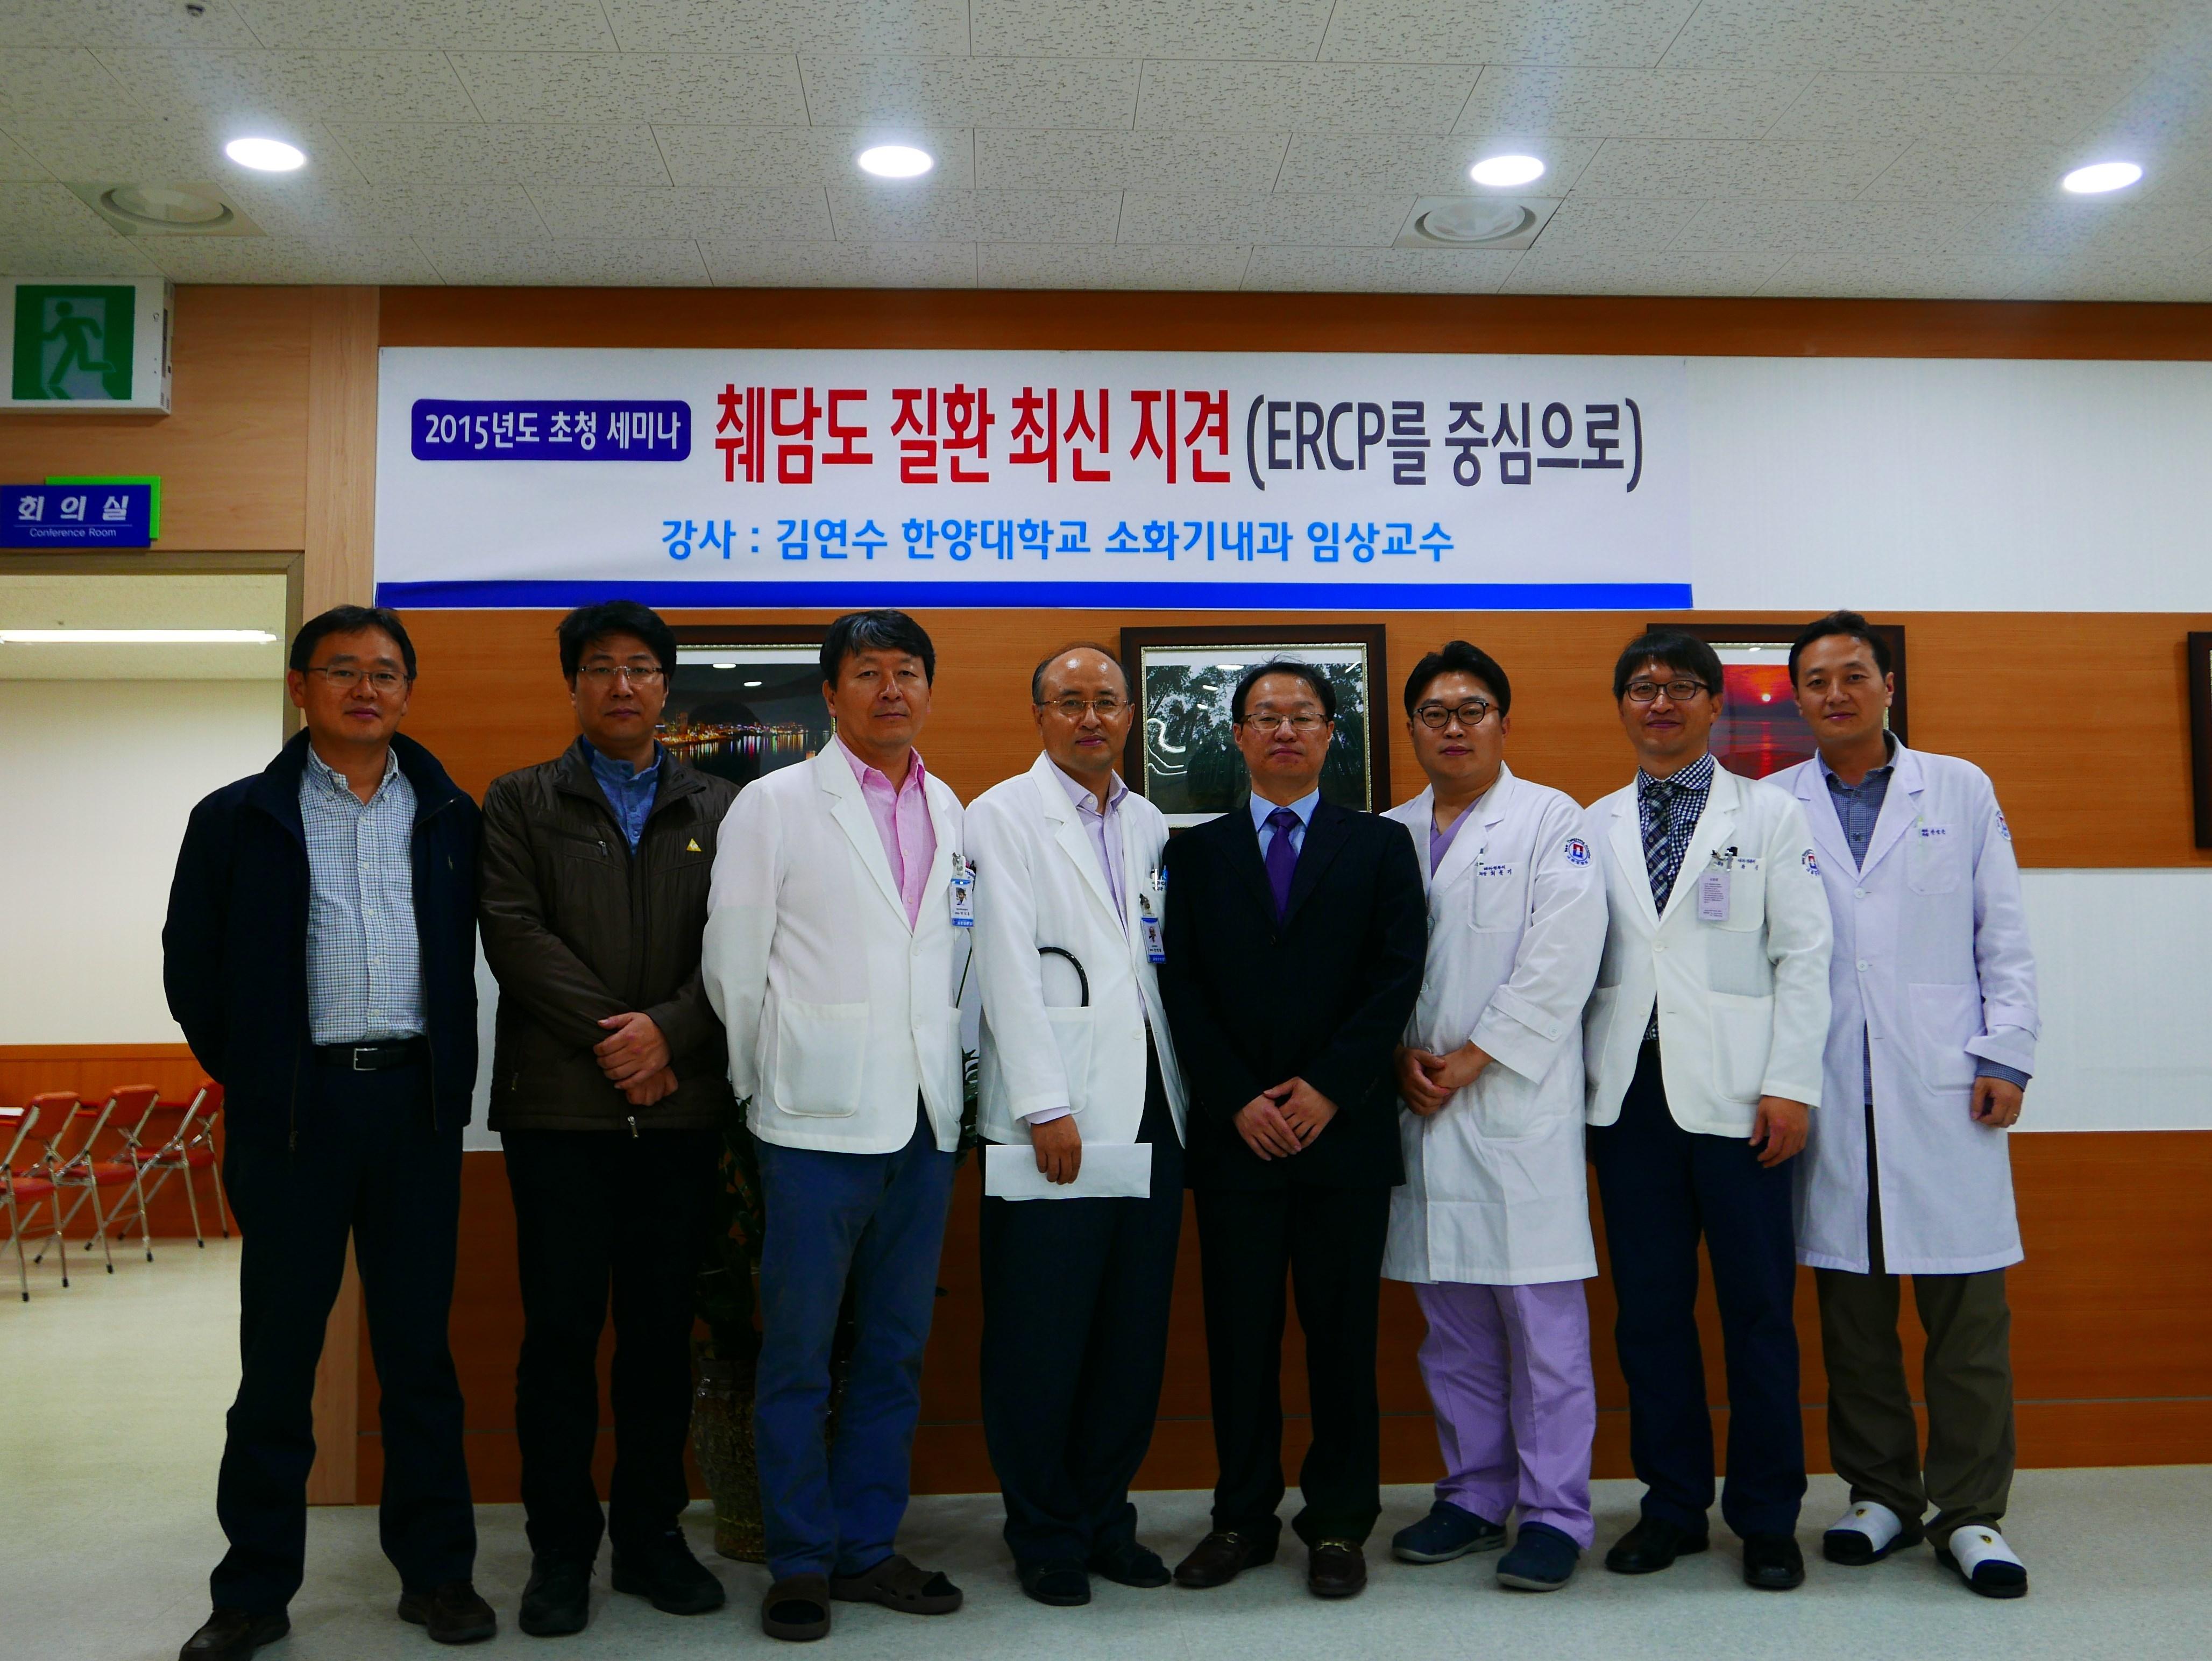 2015년11월04일 한양대학교병원 소화기내과 김연수 교수님을 모시고 '췌담도 질환 최신 지견(ERCP를 중심으로)'란 주제로 초청 세미나를 개최